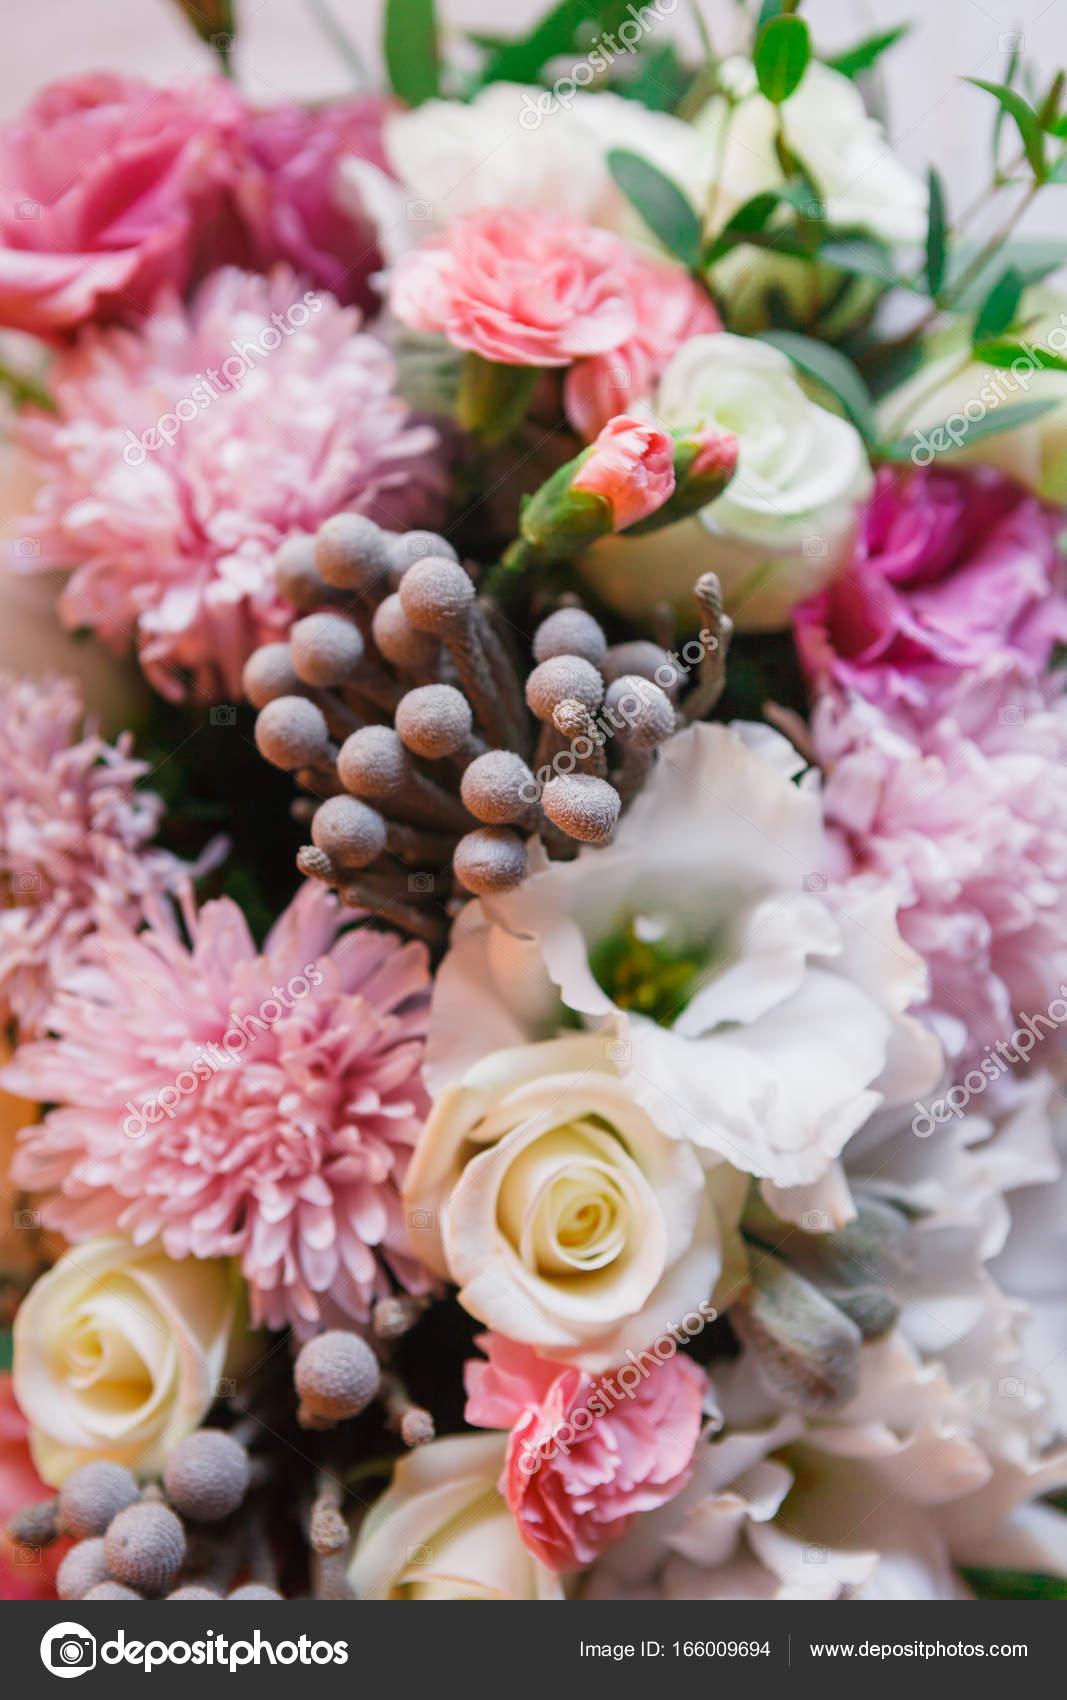 Hochzeit Blumenschmuck Blumen Blumenstrauss Closeup Stockfoto